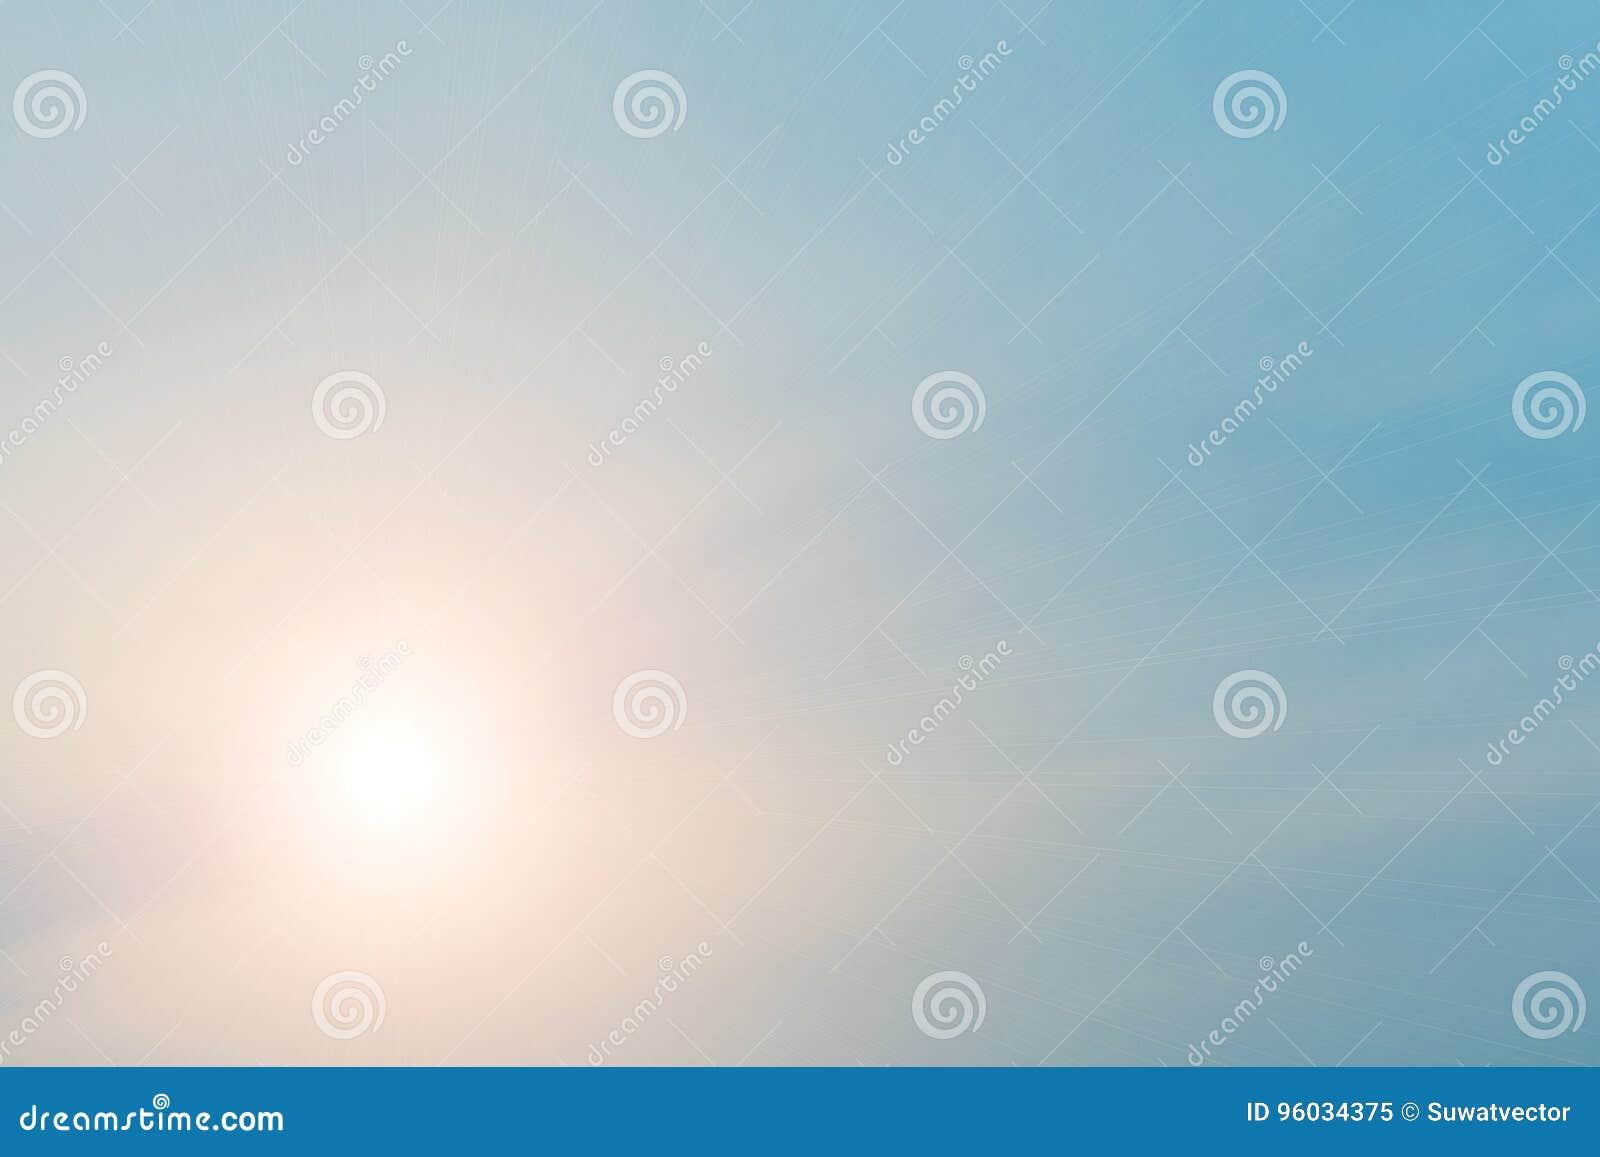 Gorąca pogoda, chmury patrzeje kolorową przed zmierzchem